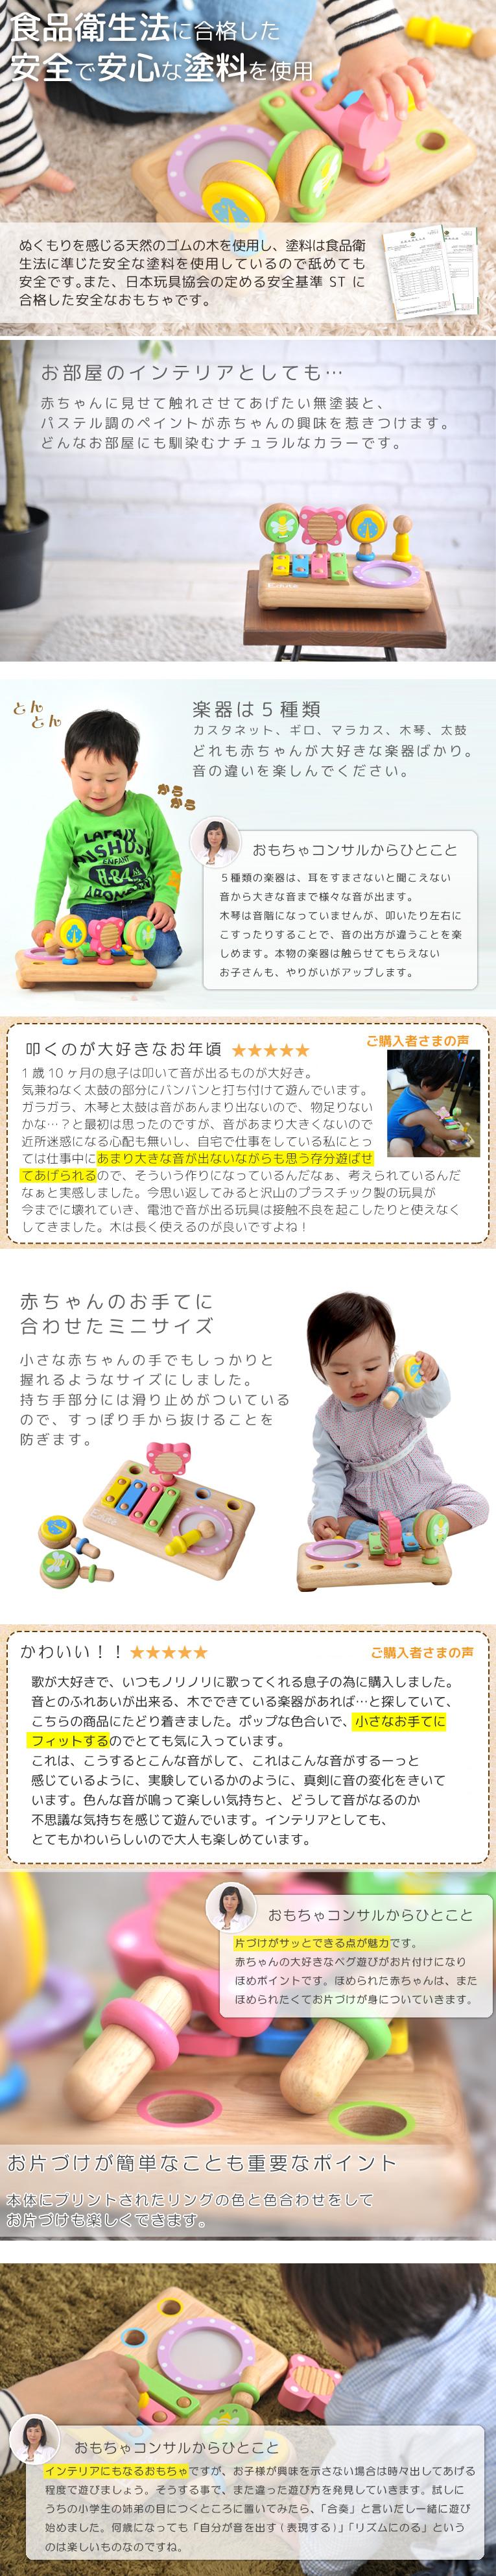 おもちゃコンサルタントのおすすめポイント